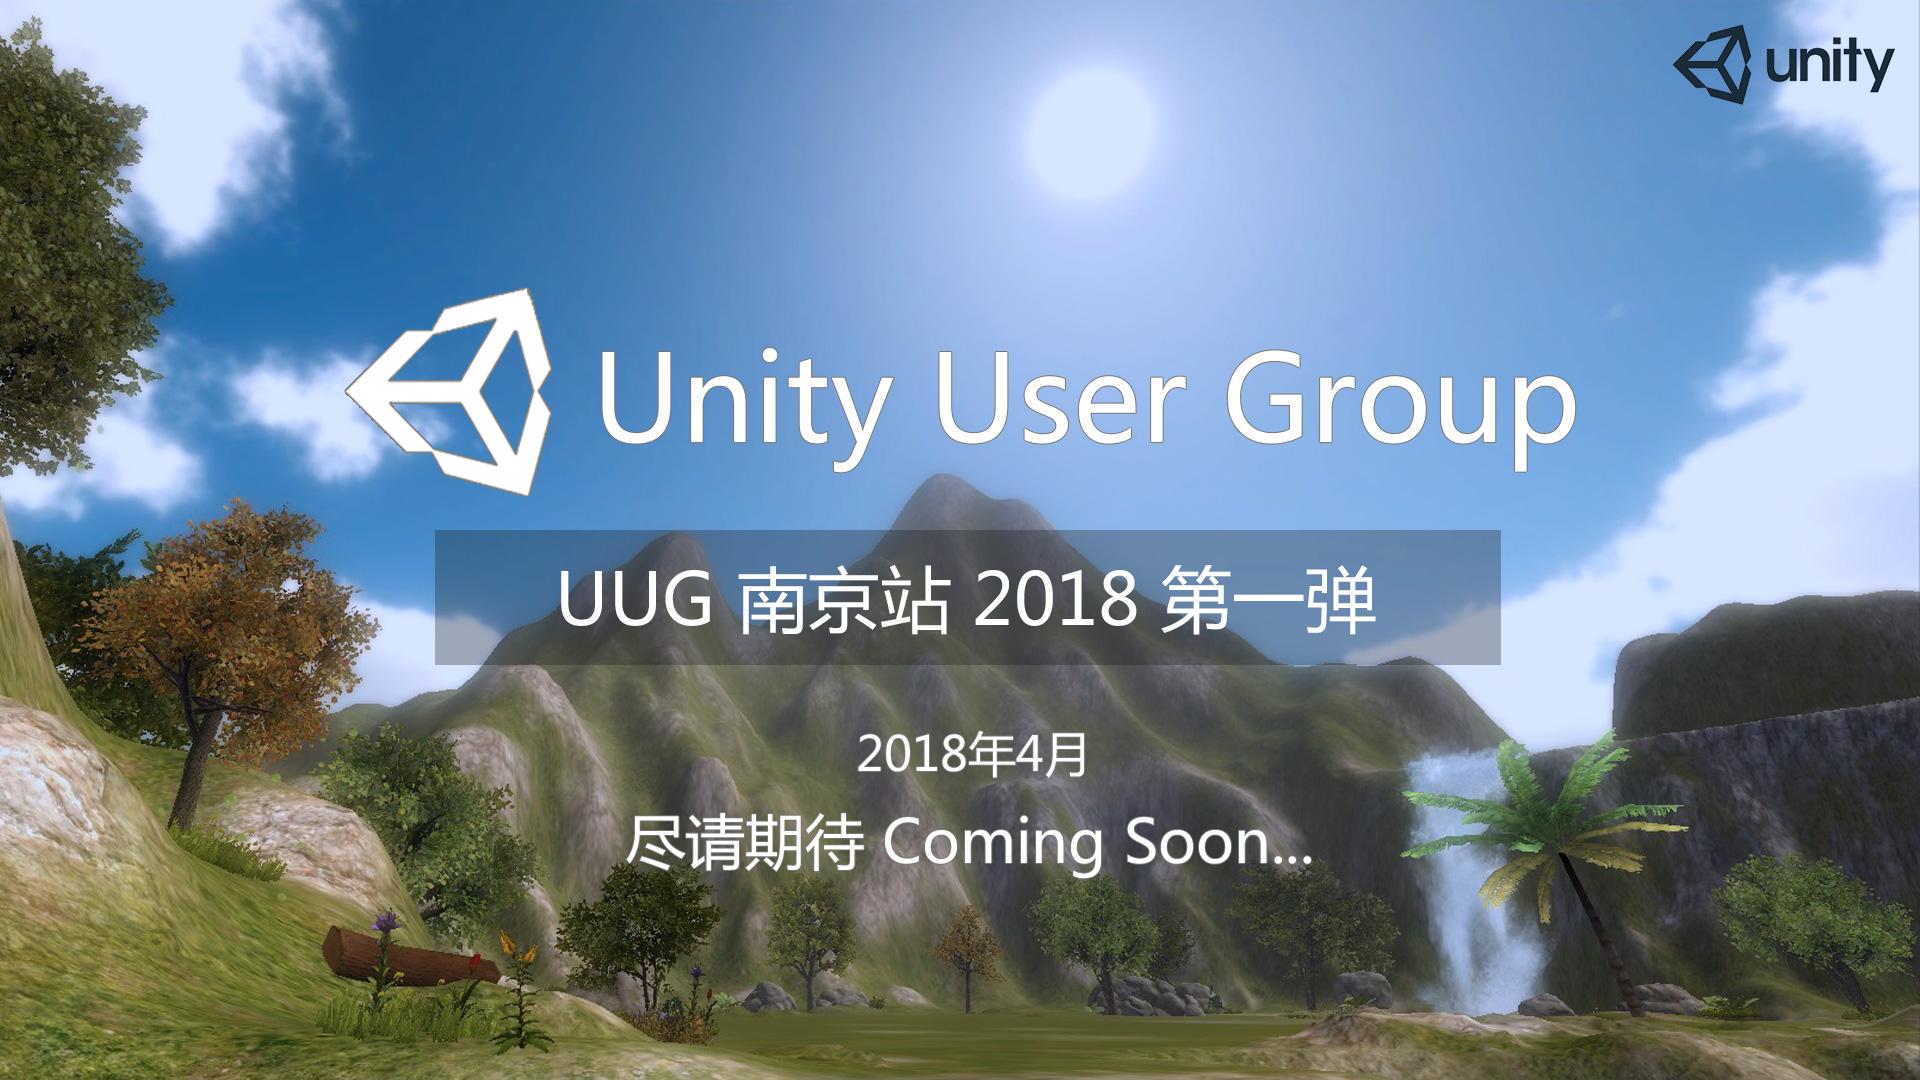 UUG南京站 2018.4月活动(暂定)